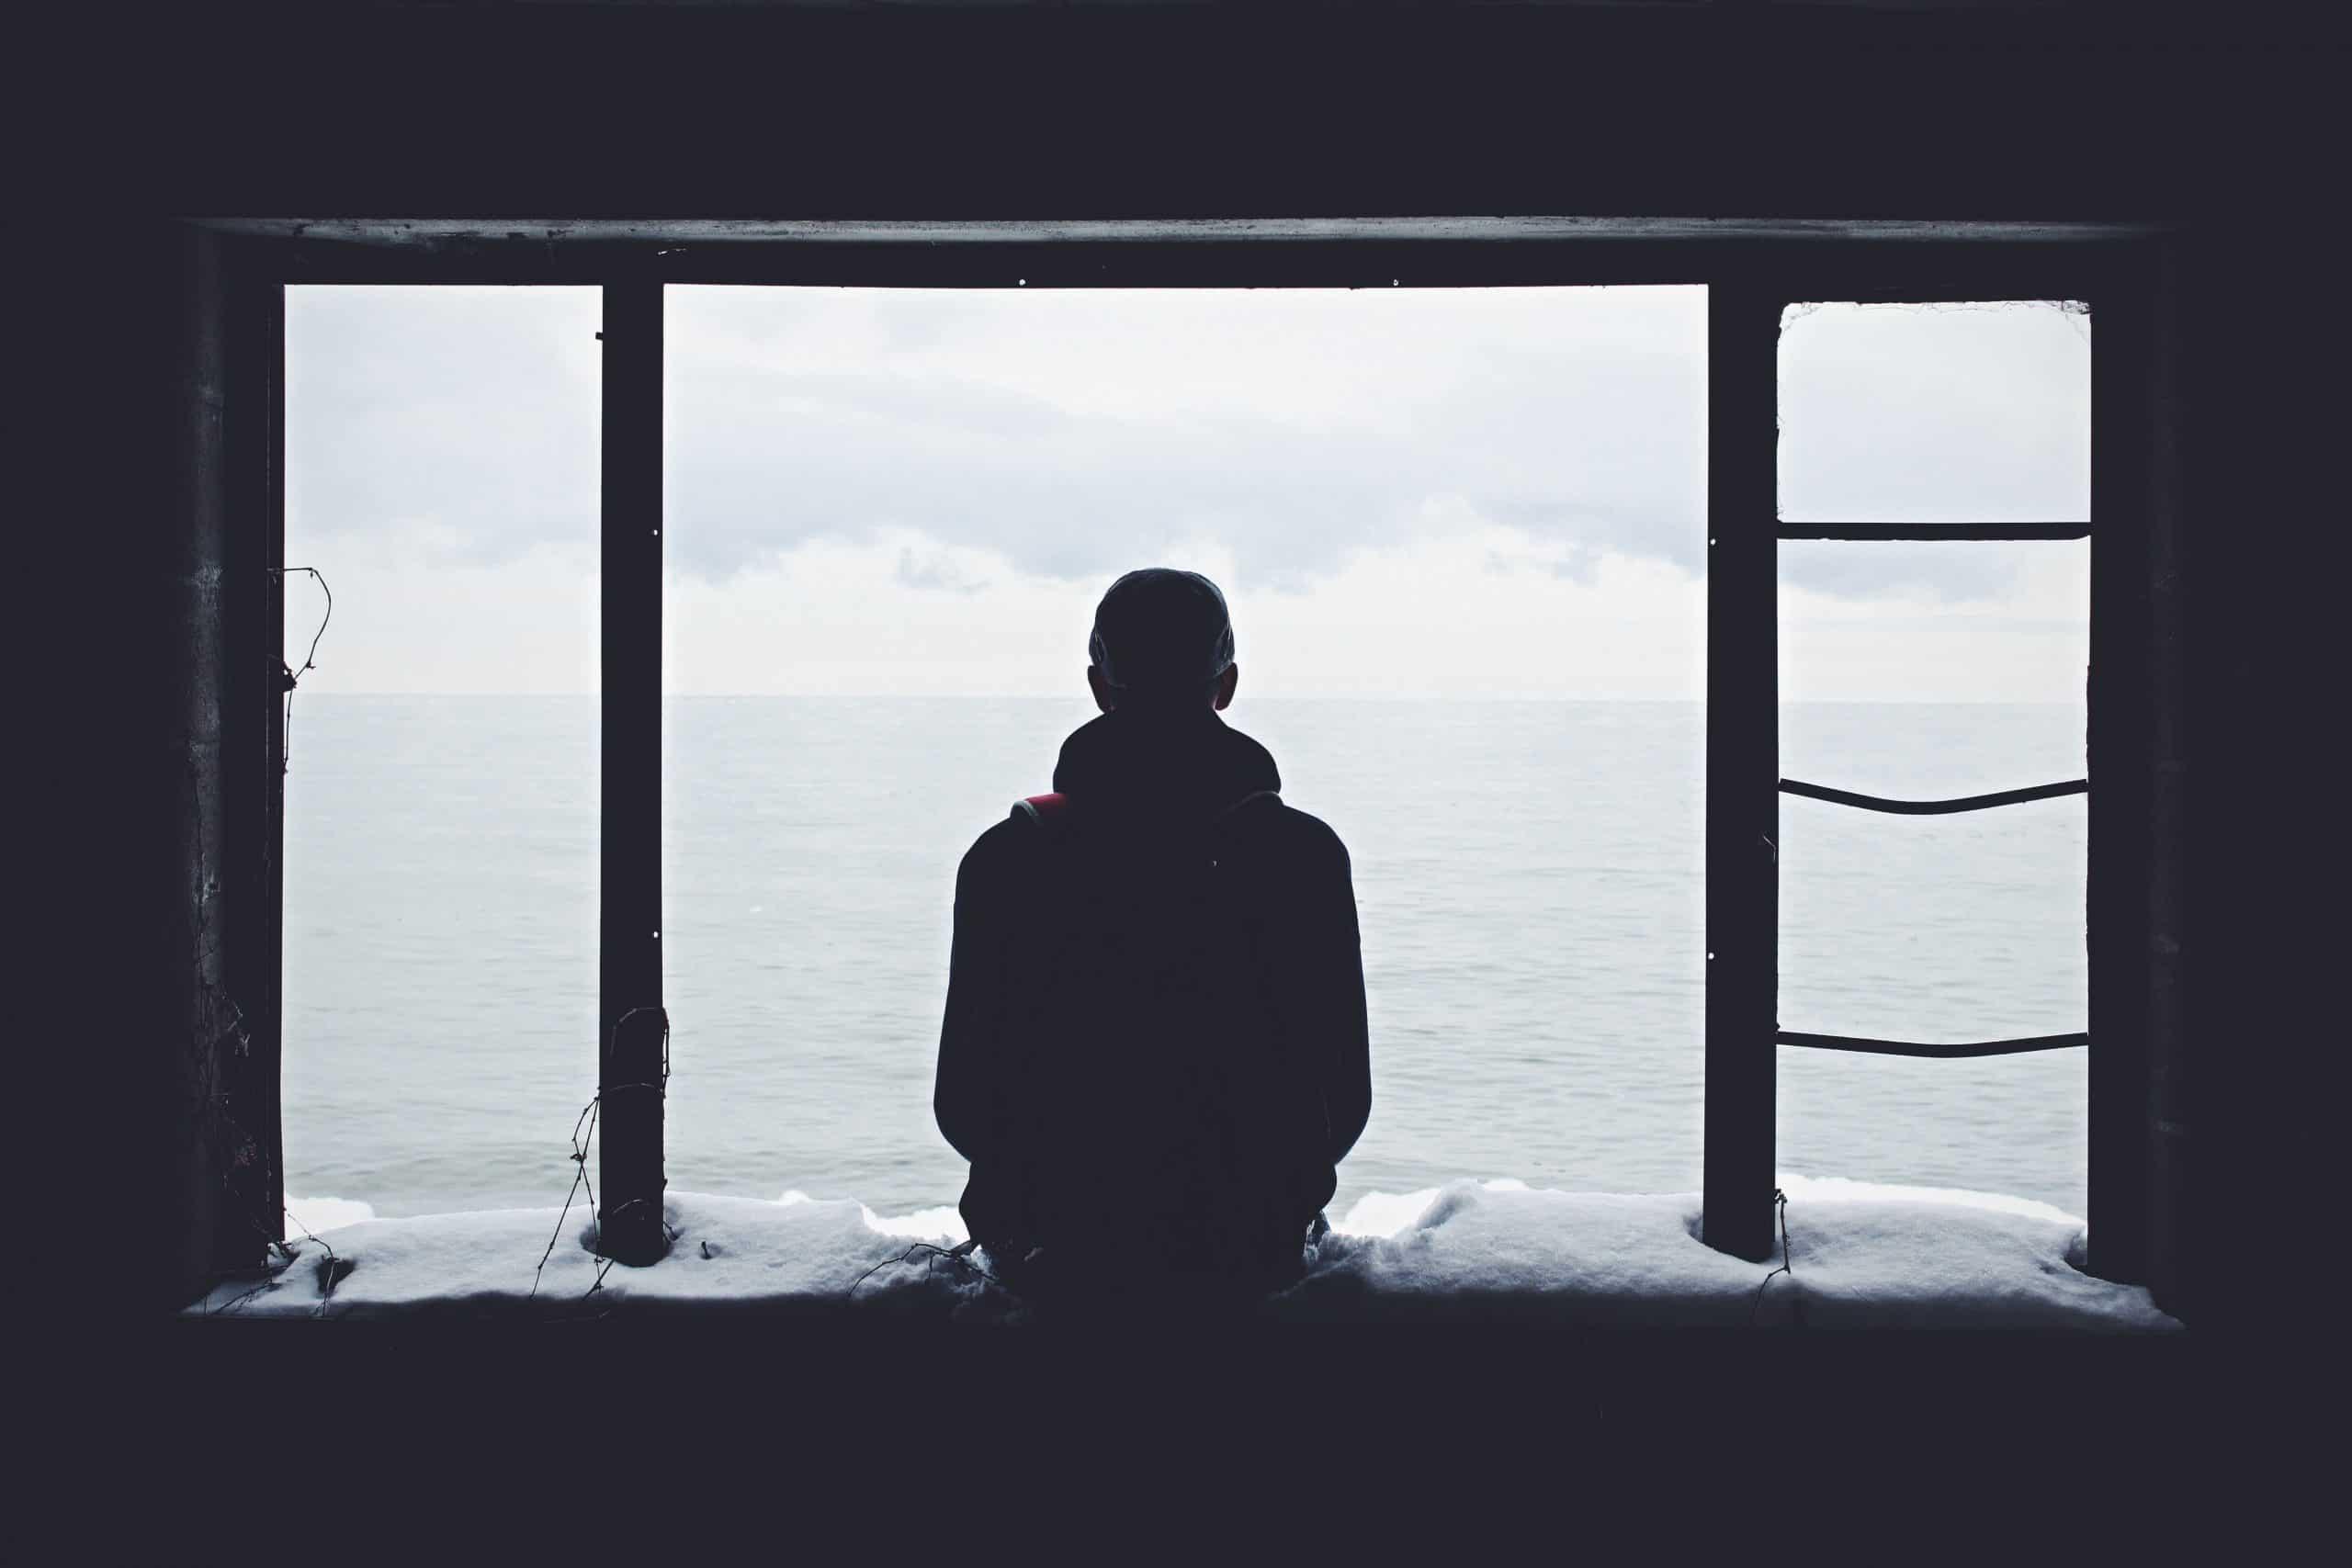 Homem de costas em janela de frente para o mar